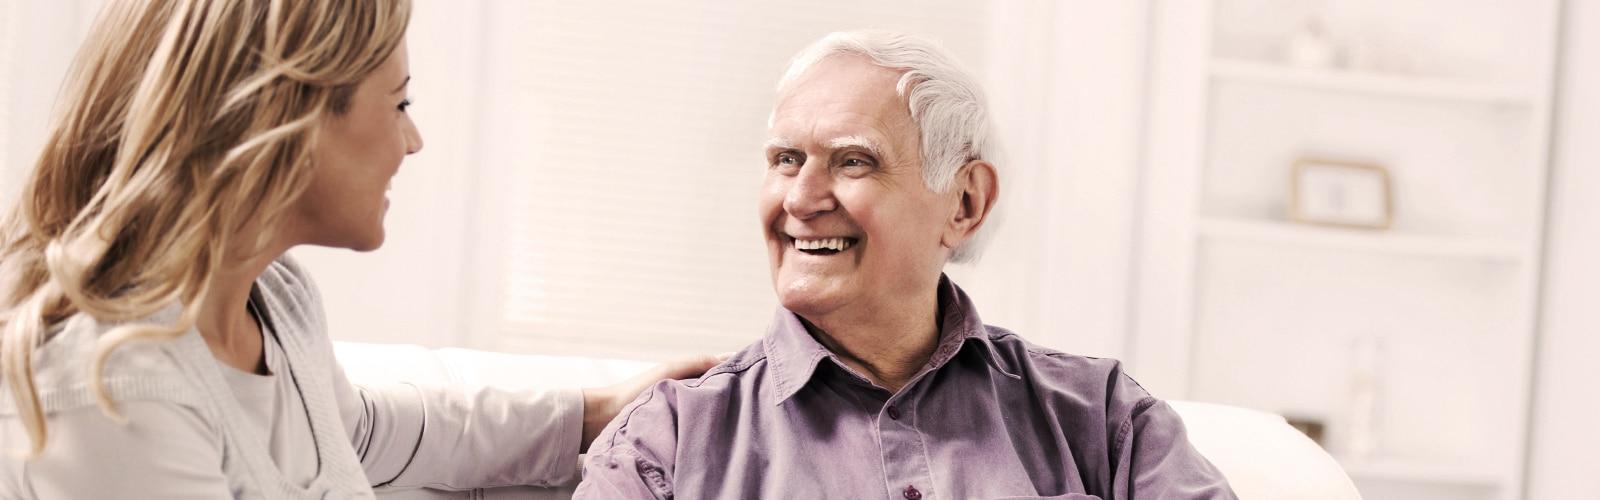 Oudere man die samen met een jonge vrouw zit – hoe ouder worden van invloed is op onze geest